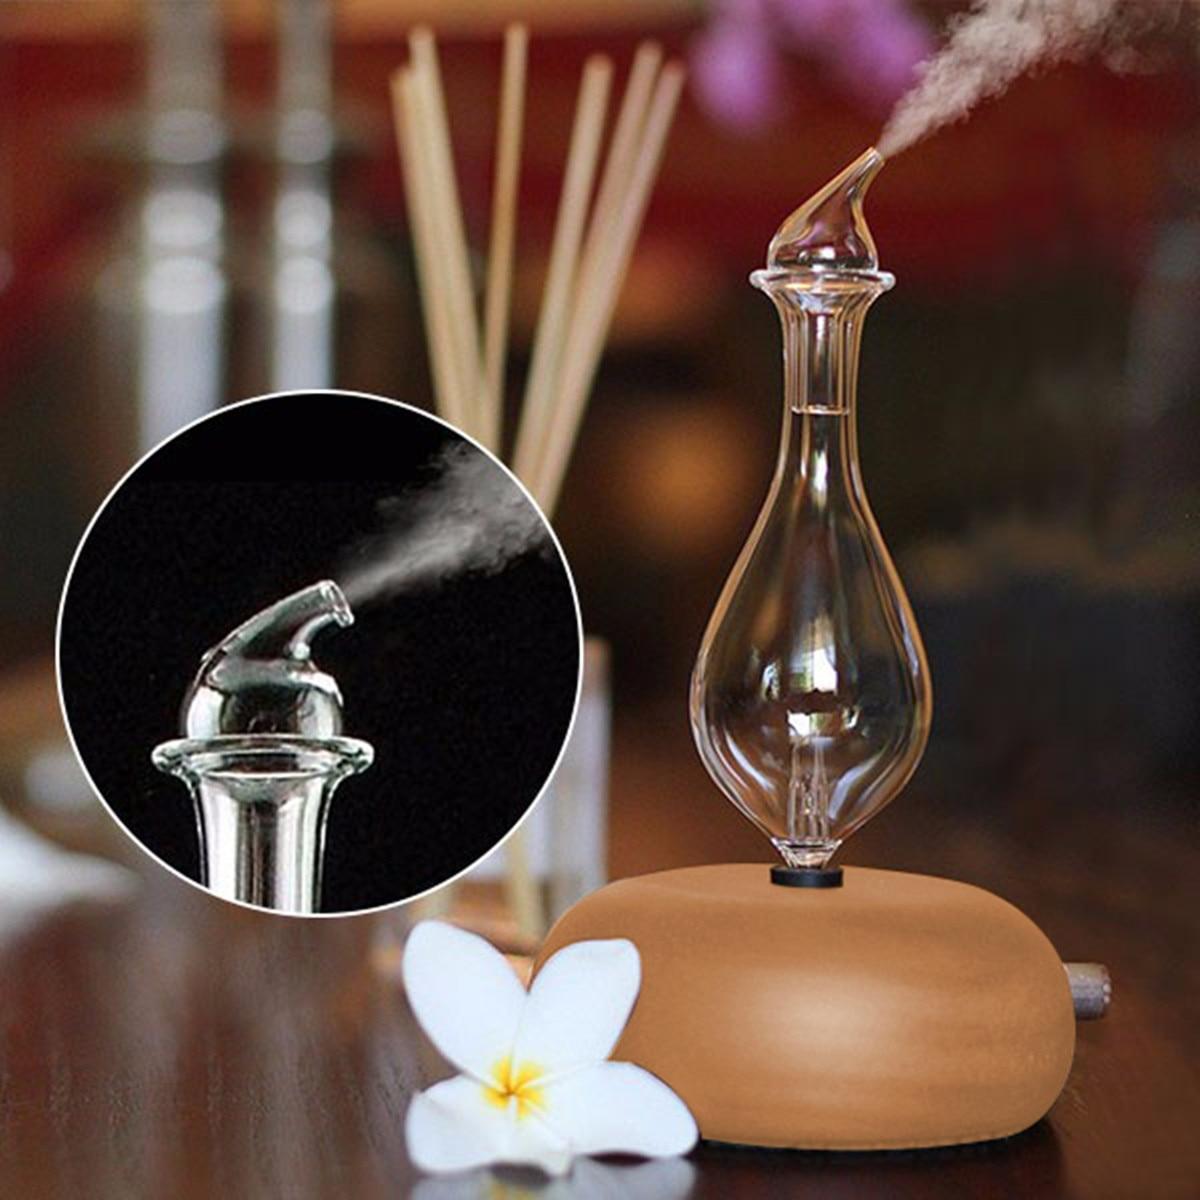 De Vidro De madeira Aromaterapia Óleos Essenciais Puros Difusor Nebulizador Umidificador de Ar Umidificador Casa Aparelho de Ar Condicionado